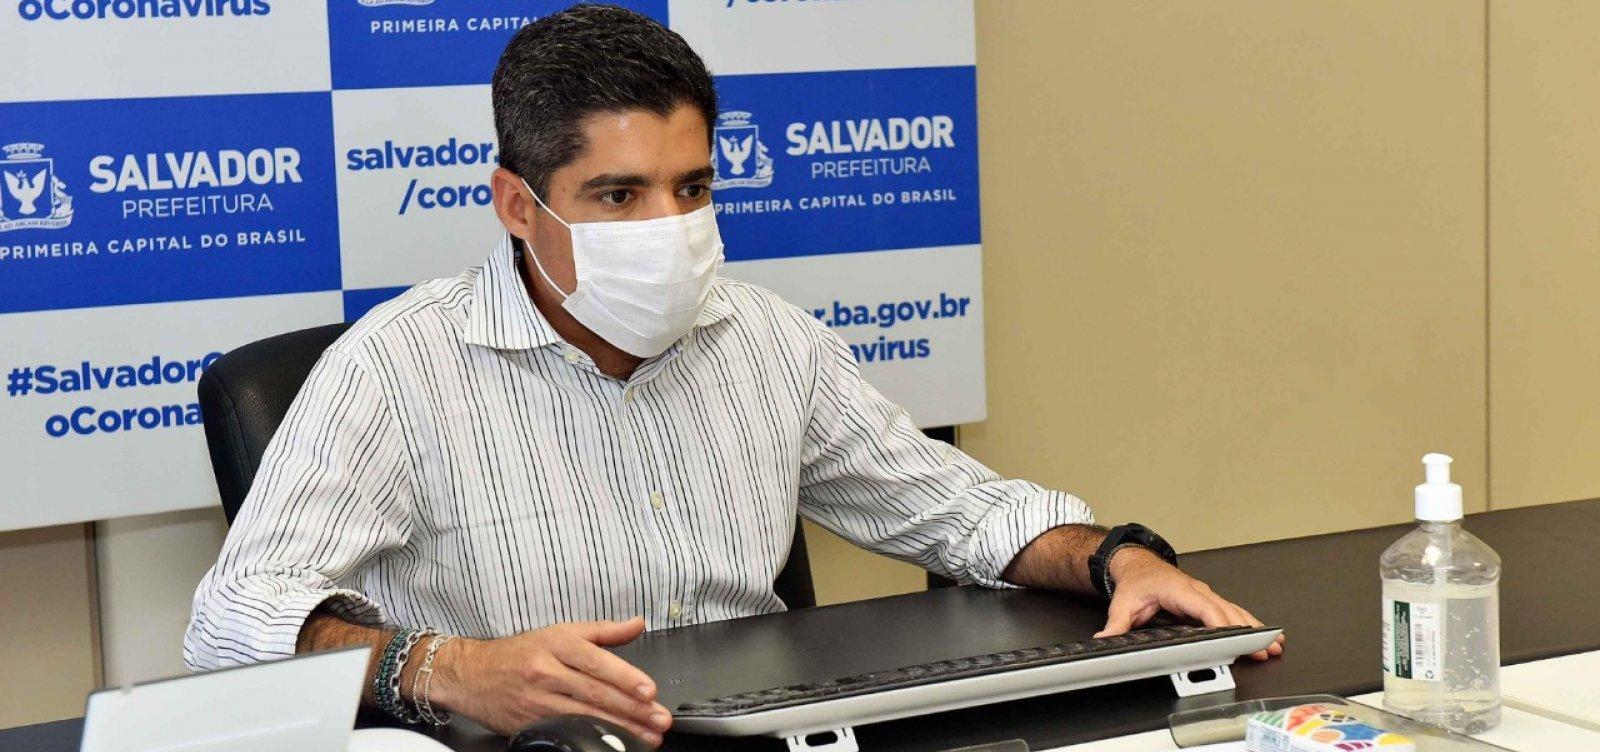 [Prefeitura de Salvador prorroga até 15 de junho suspensão de aulas e outras medidas]